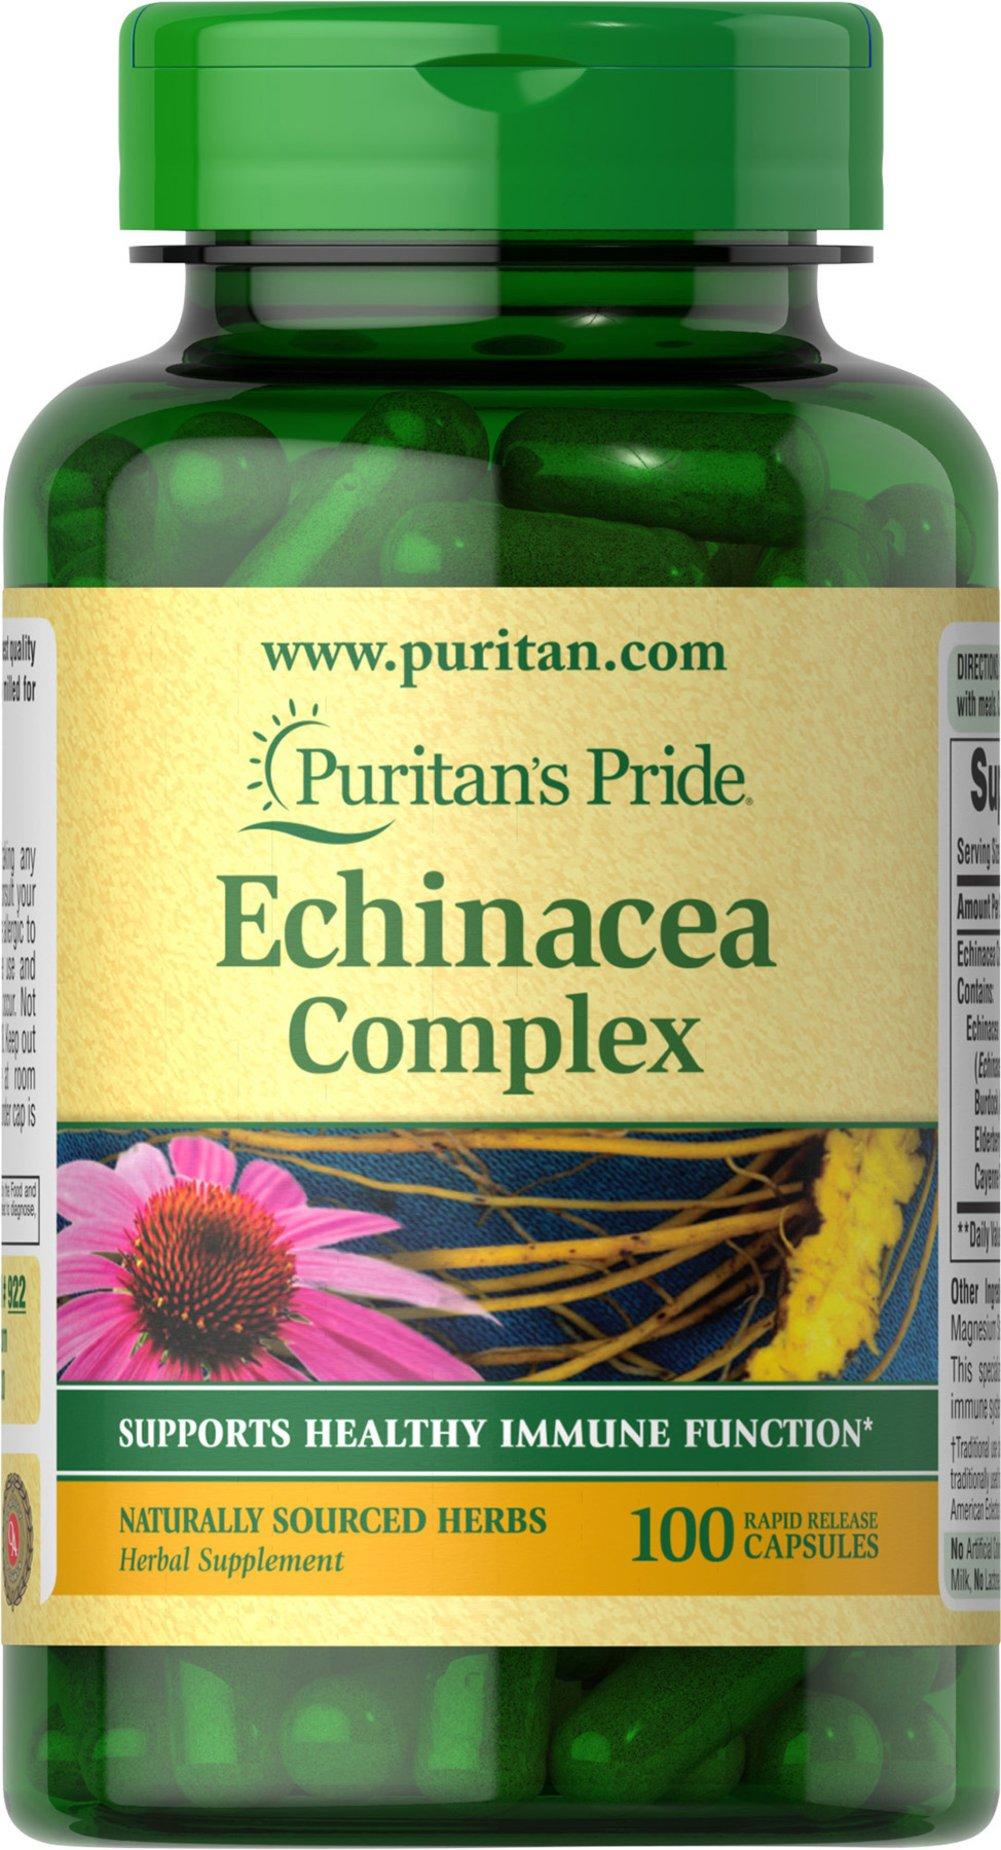 Puritan's Pride Echinacea Complex-100 Capsules